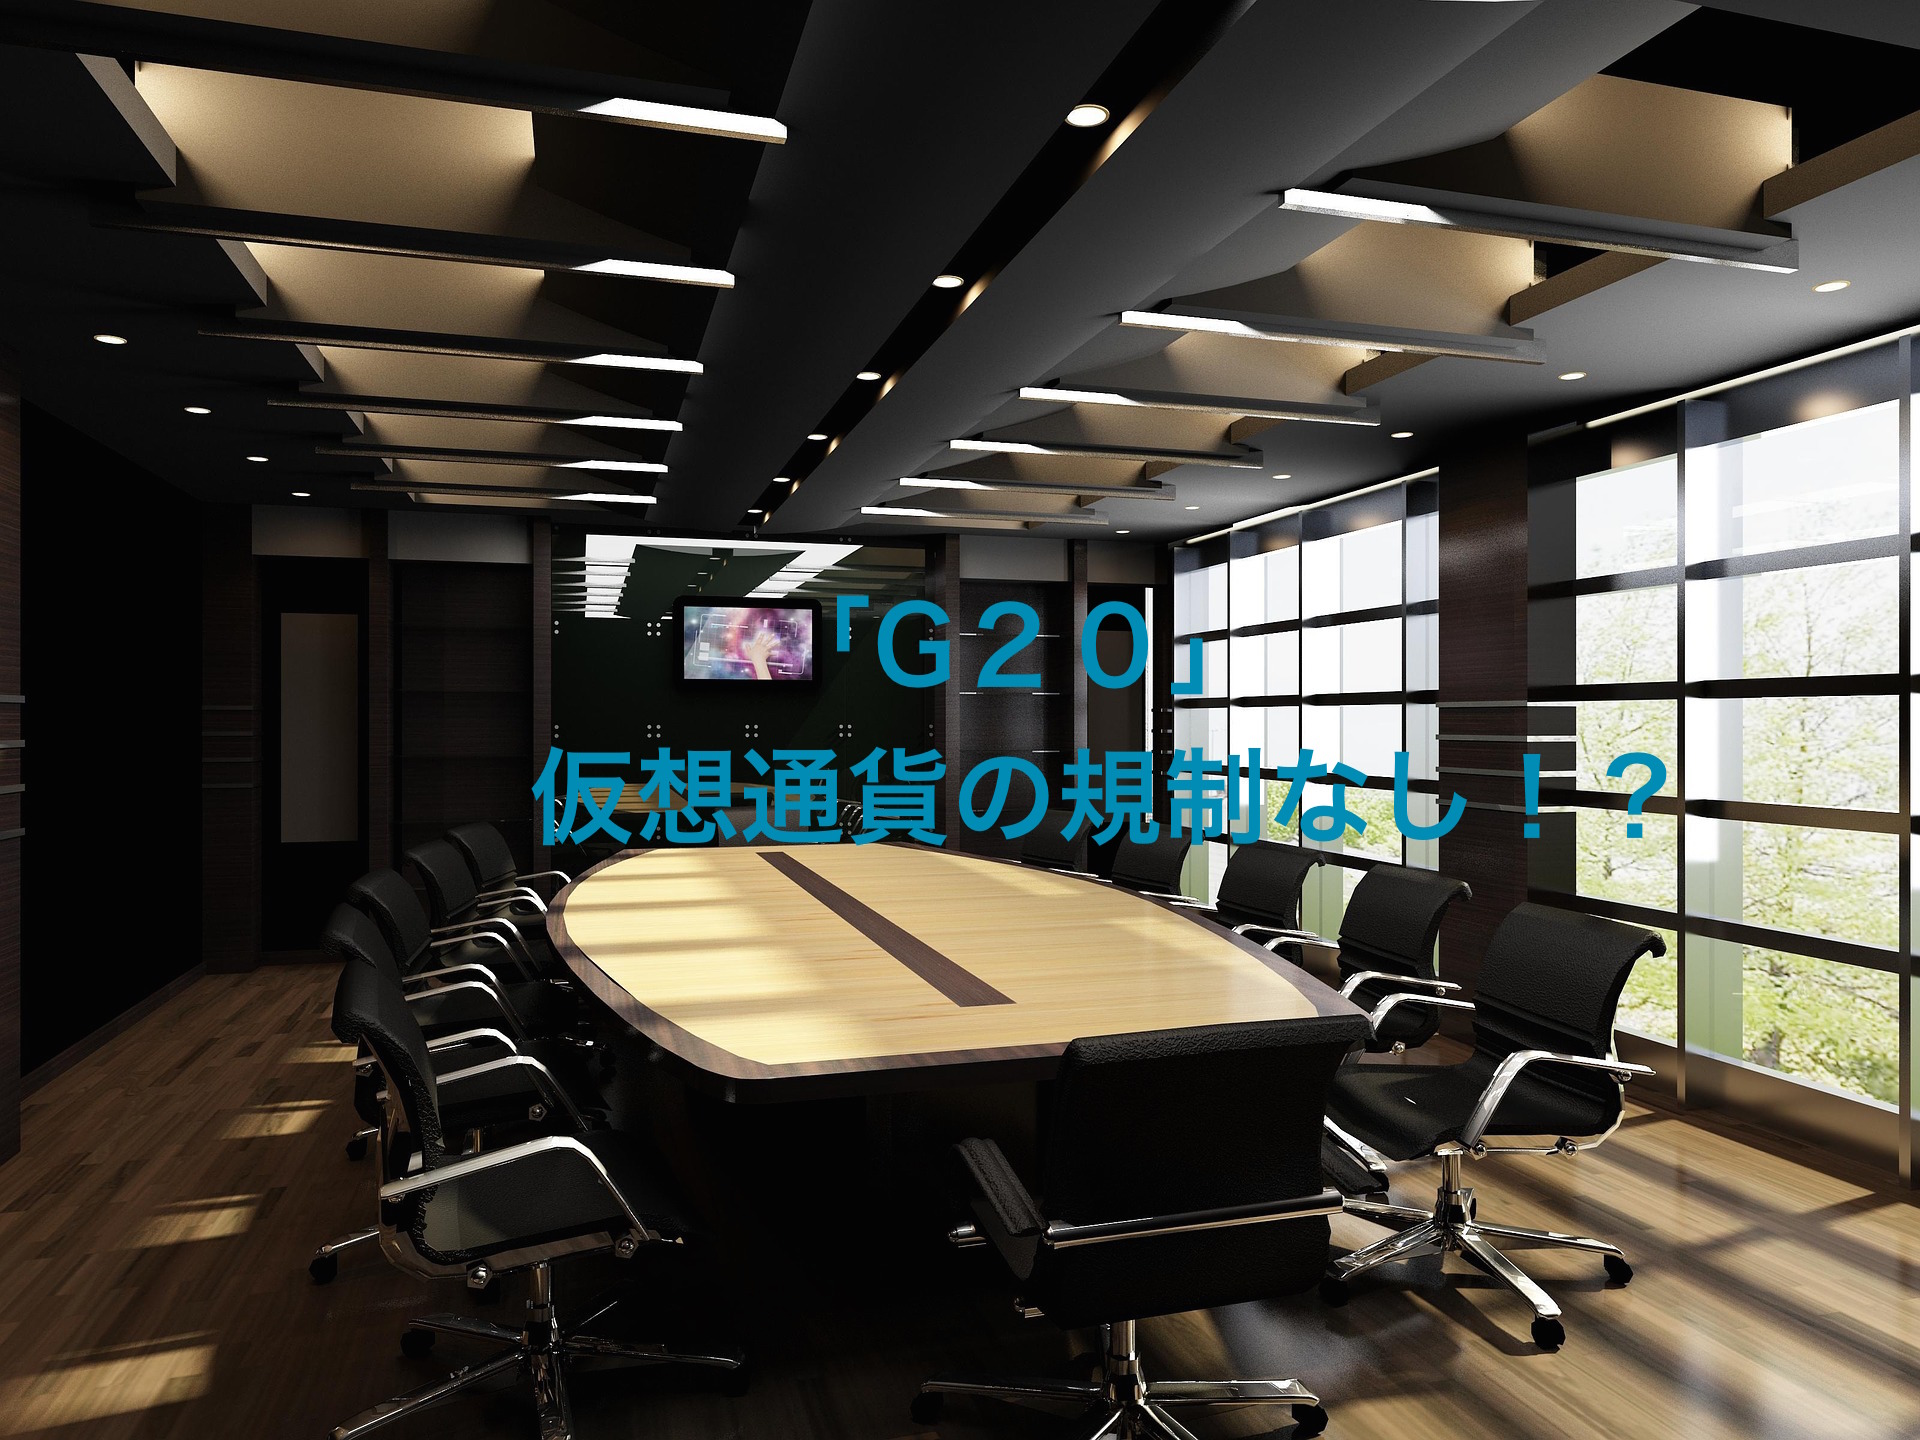 「G20」無事通過。仮想通貨への規制なし。